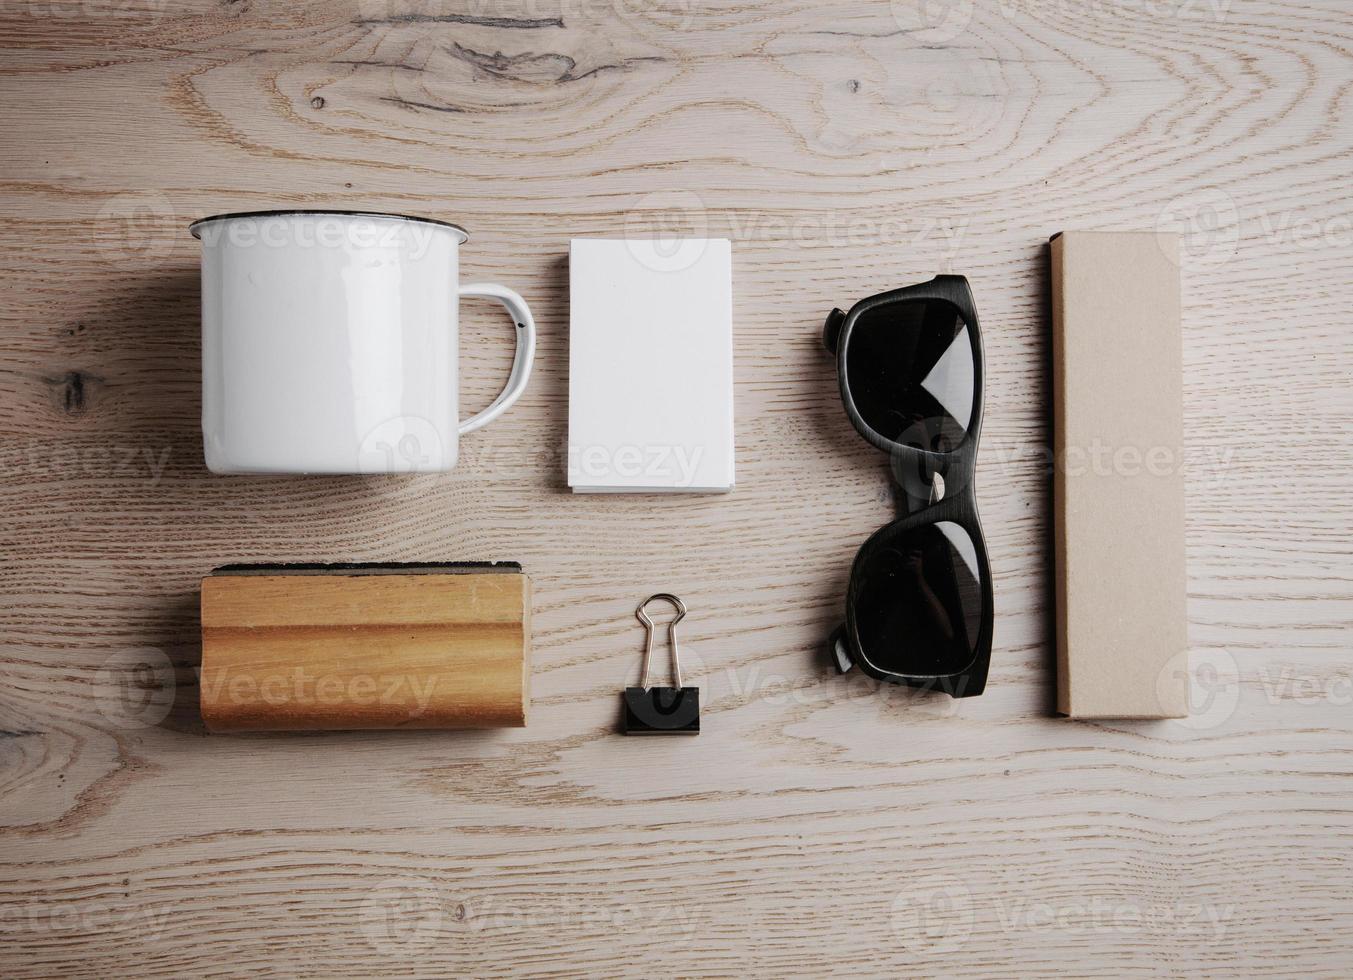 Draufsicht auf ein Büroelemente und eine Sonnenbrille auf der foto